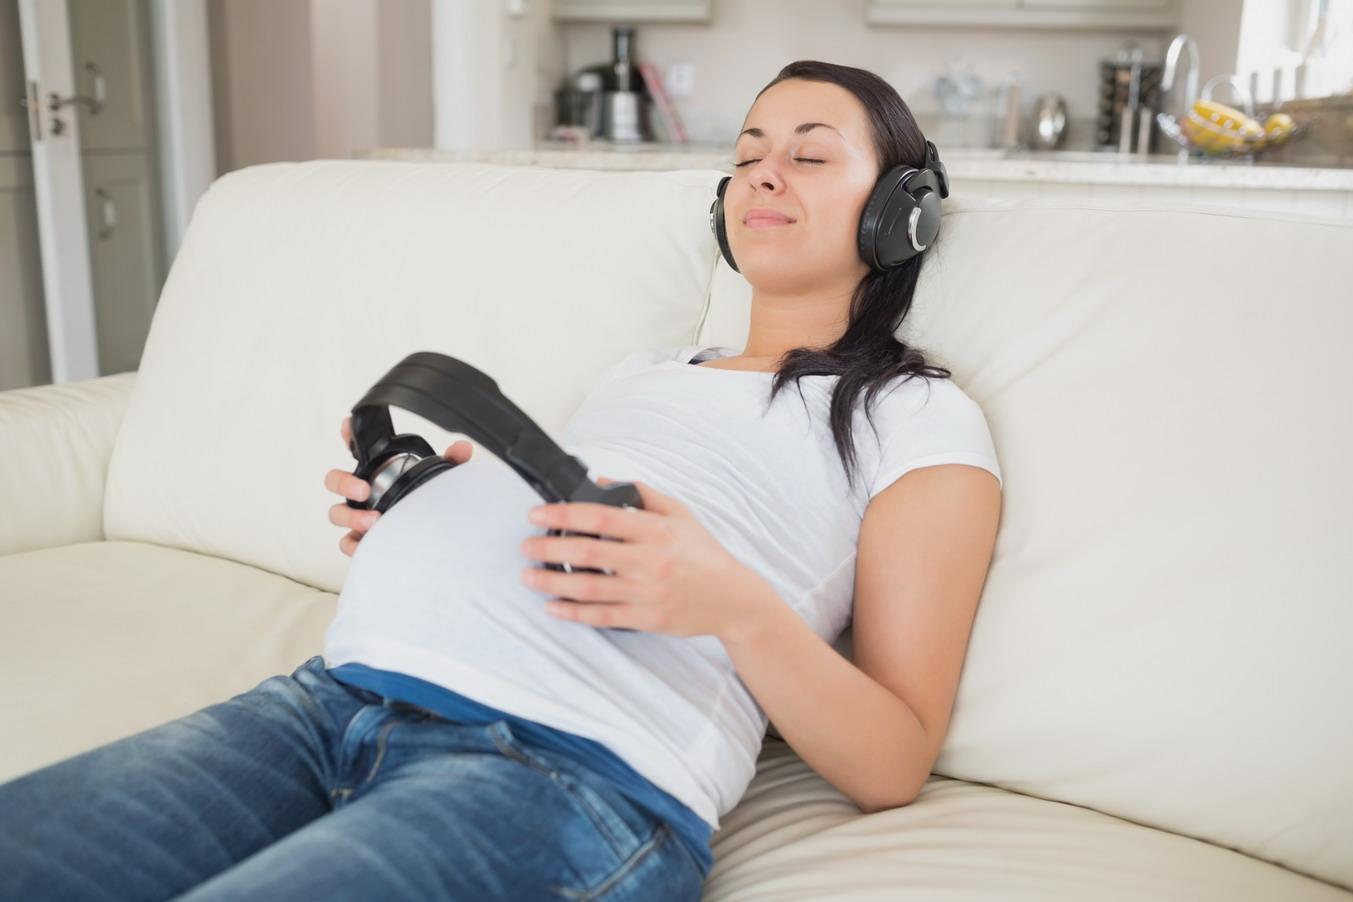 Ученые узнали, какую музыку предпочитают еще неродившиеся дети